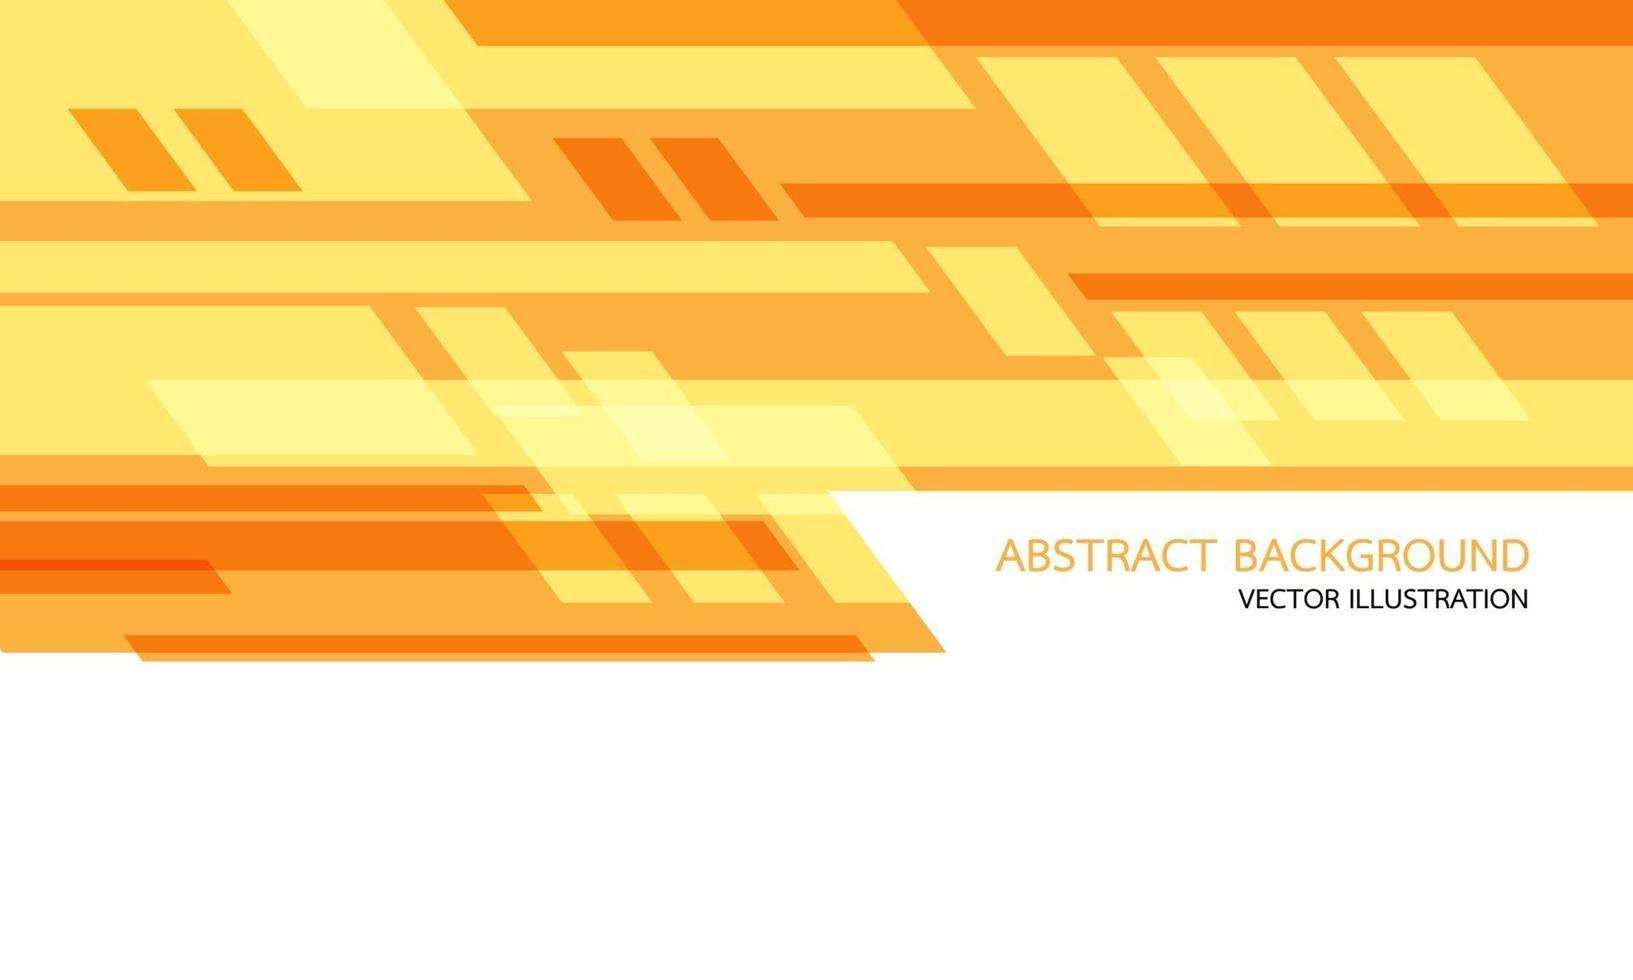 abstracte geeloranje geometrische snelheidstechnologie op wit met lege ruimte en tekstontwerp moderne futuristische vectorillustratie als achtergrond. vector